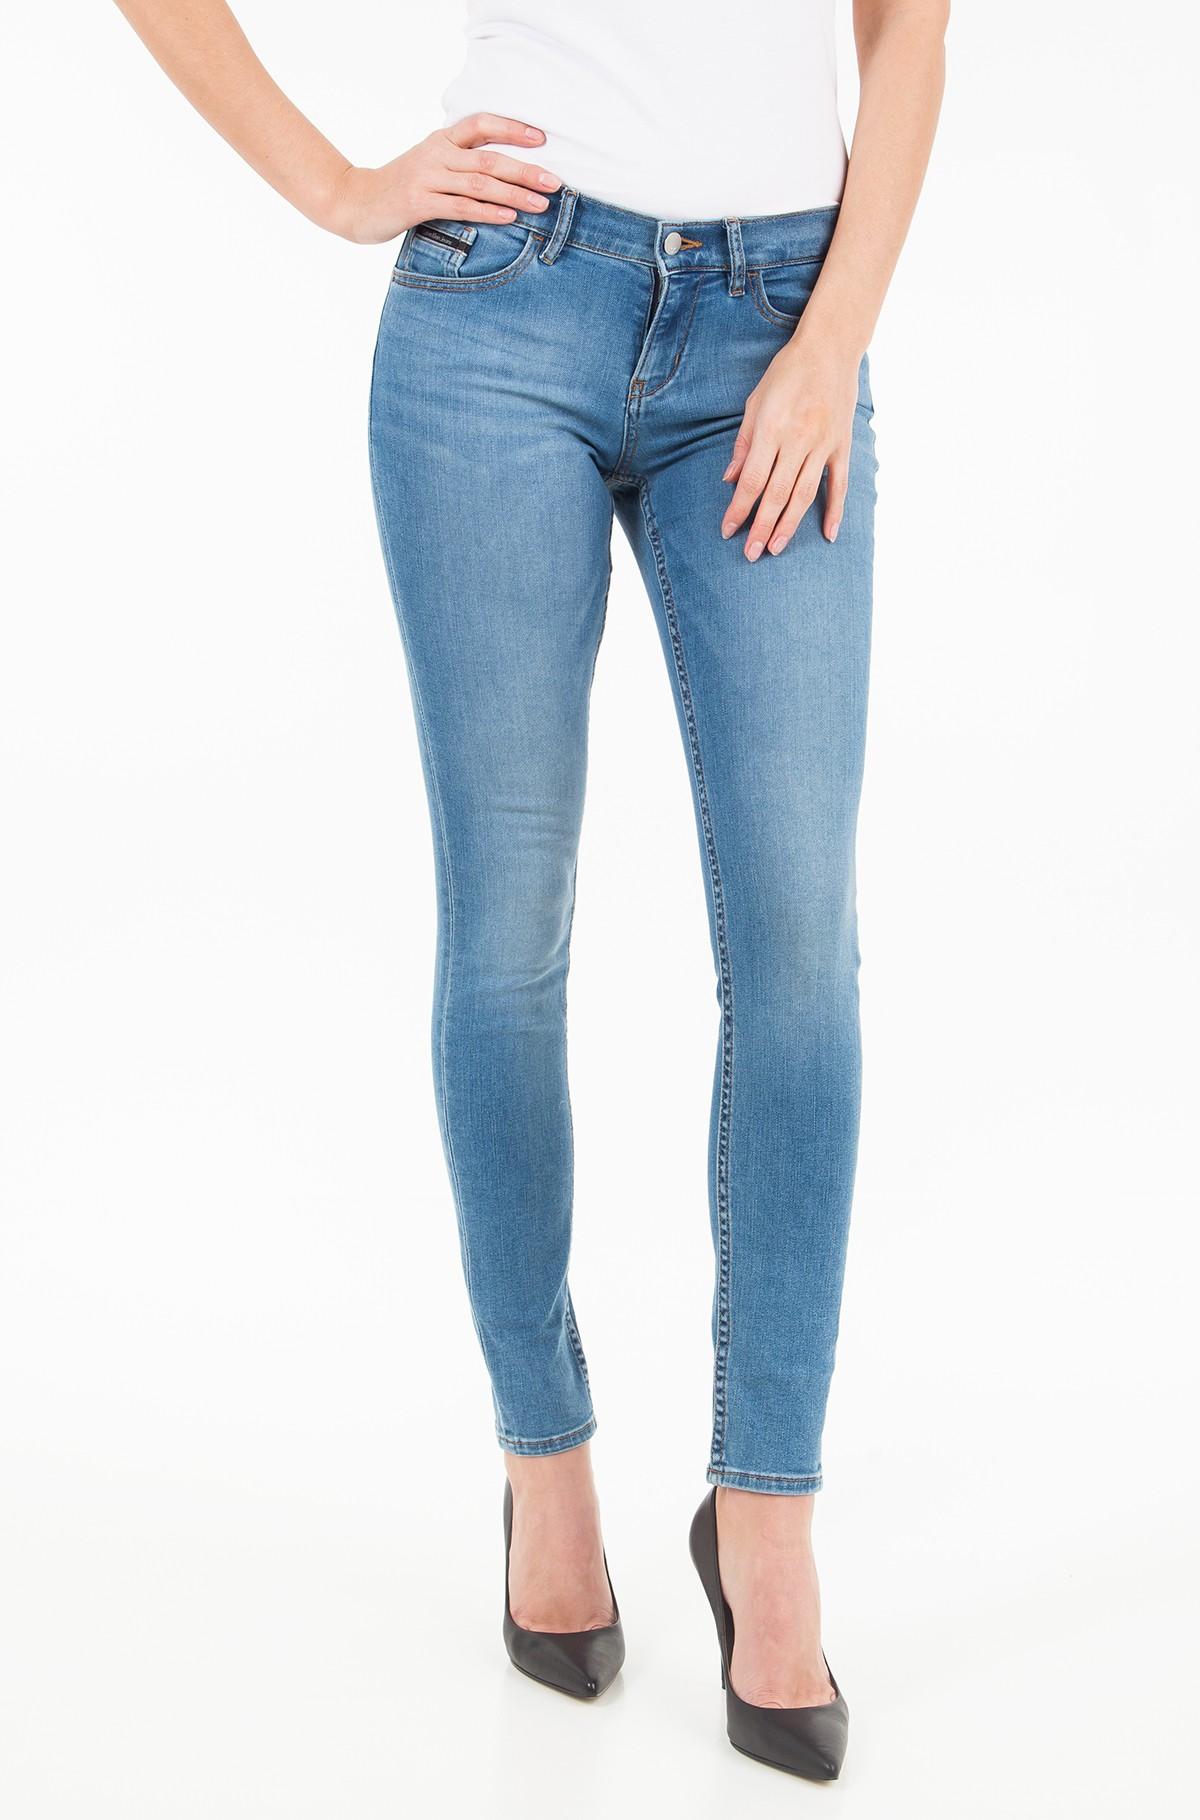 Jeans MR Skinny - Mobby Blue-full-1